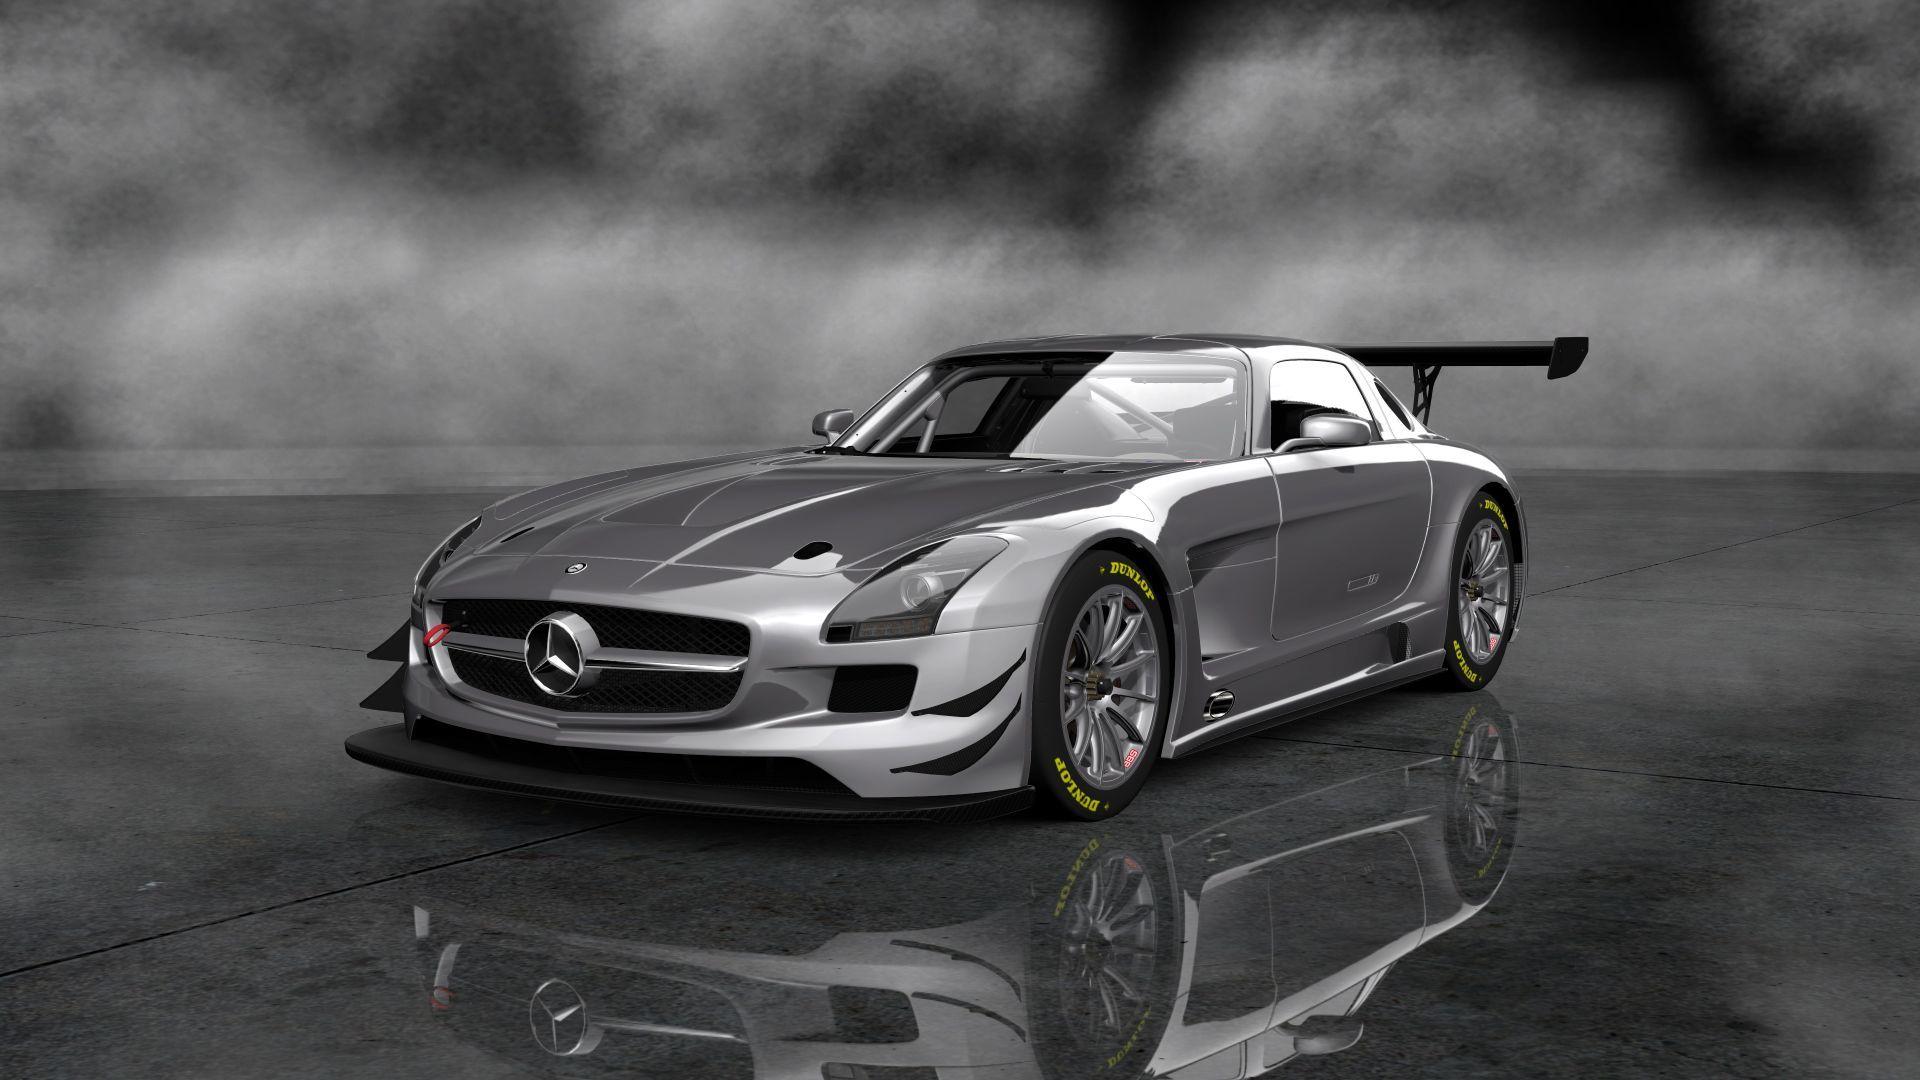 Gran Turismo 6 (PS3) - 15